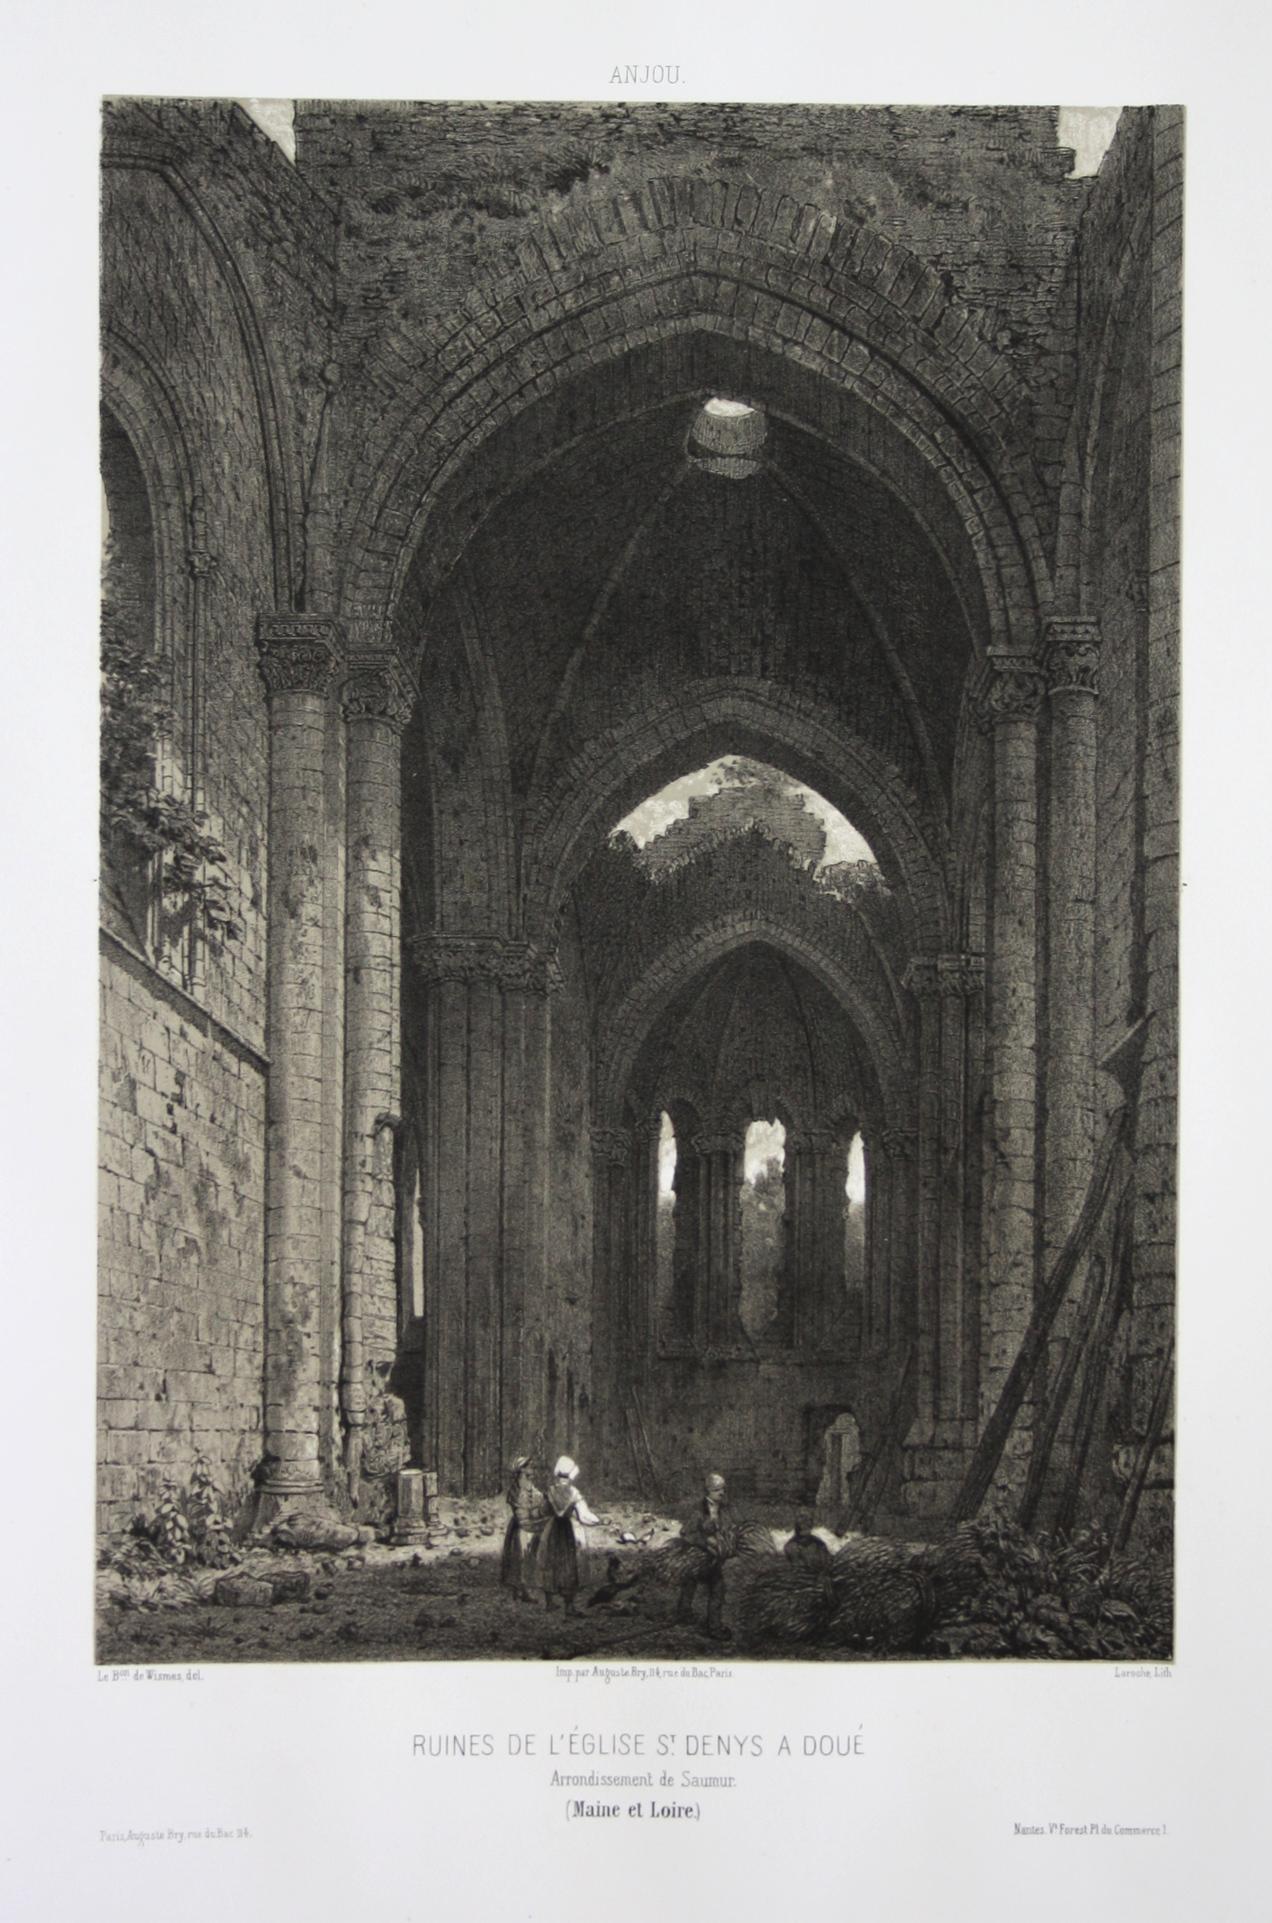 Ruines de l'Eglise St. Denys a Doue: Wismes, Olivier de